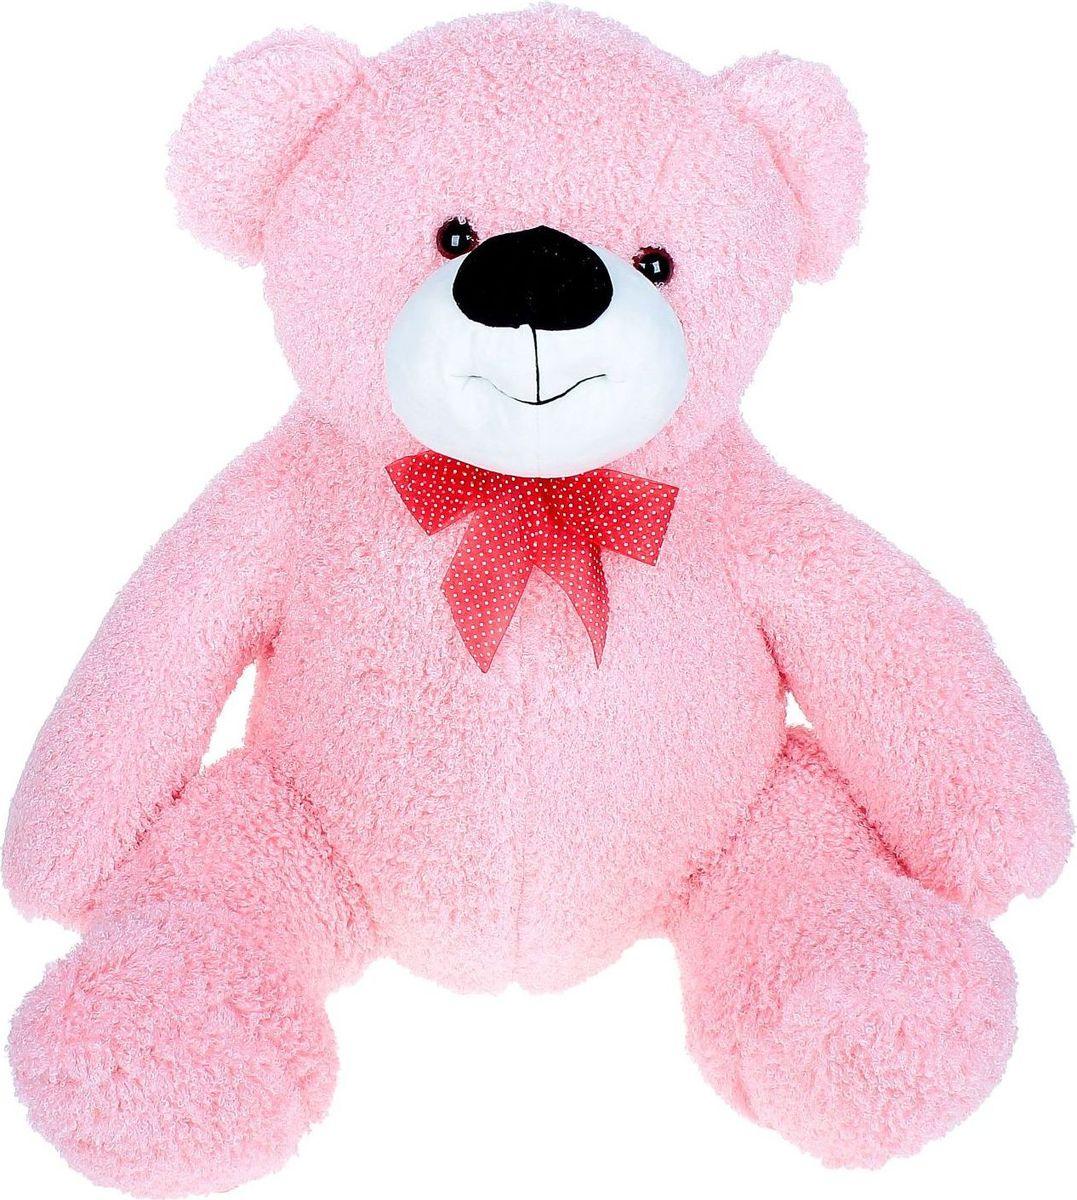 Sima-land Мягкая игрушка Медведь кудрявый цвет розовый 80 см sima land мягкая игрушка собака пятнашка 80 см